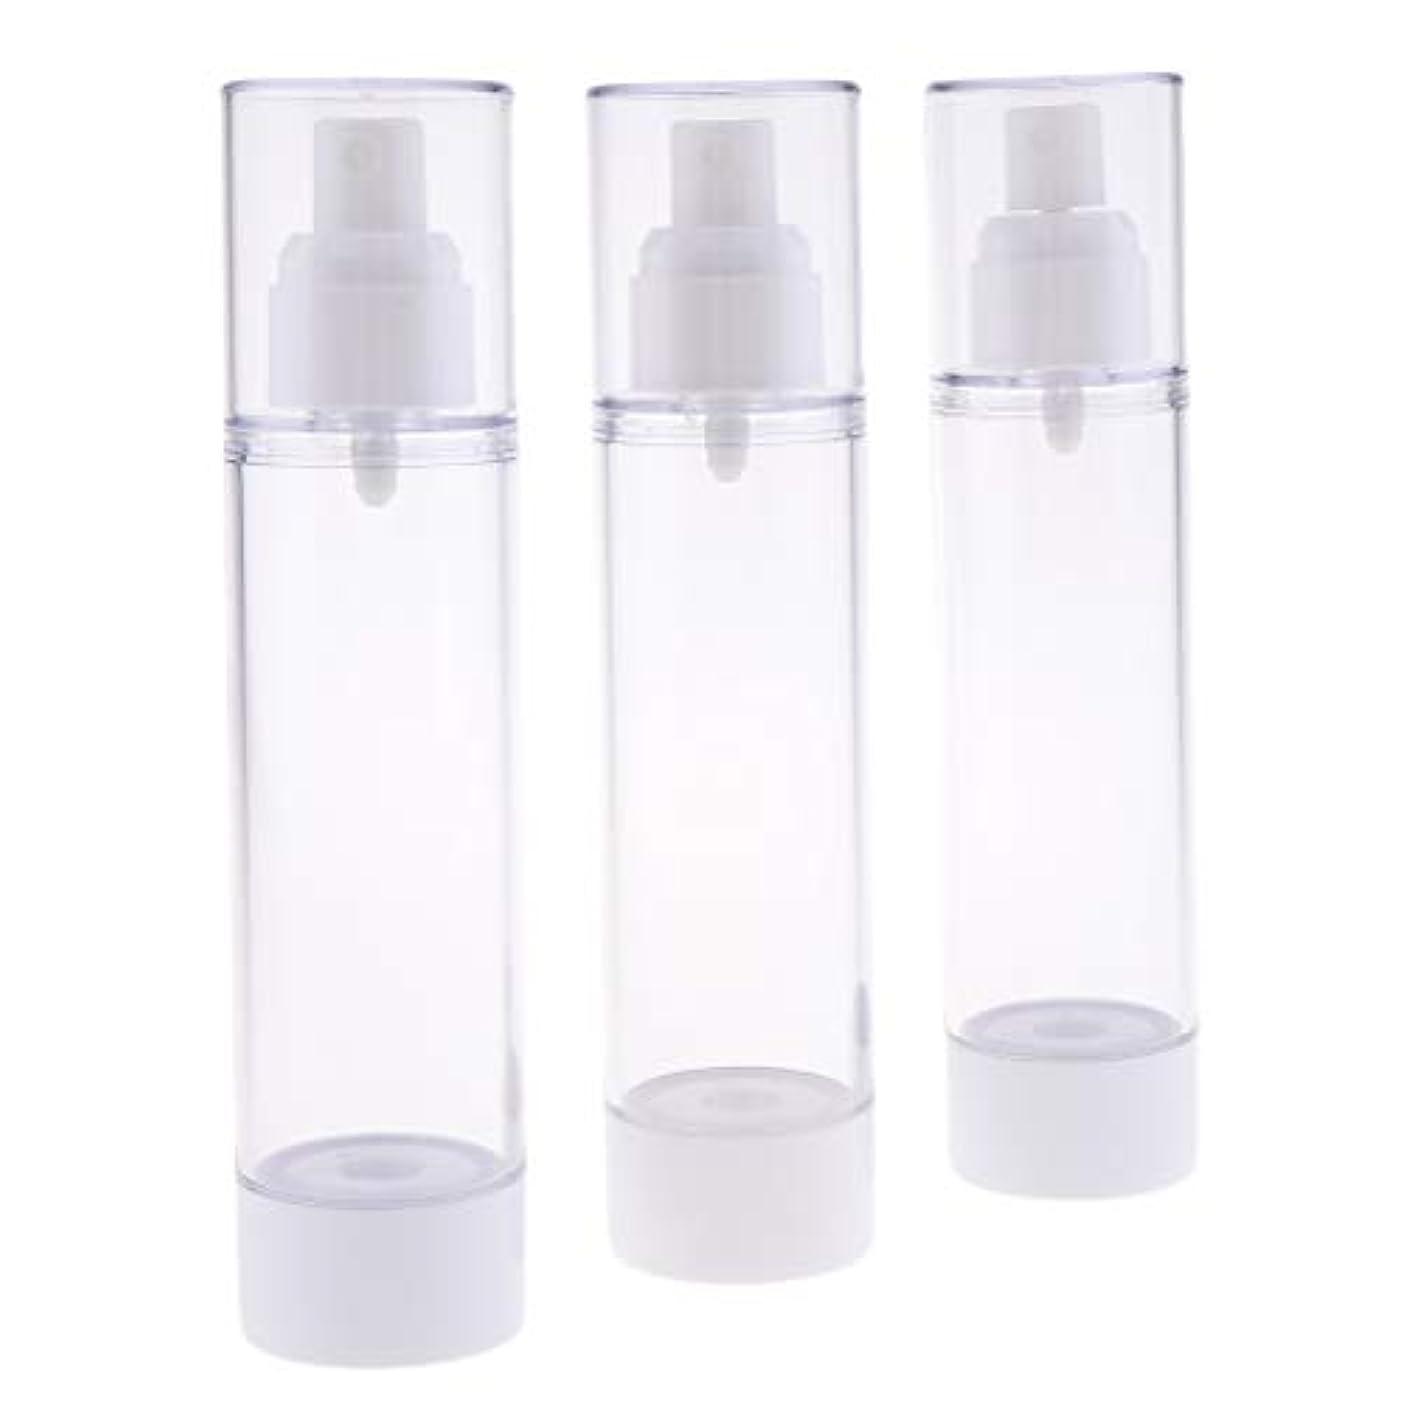 告発者クランシー鍔3個 アトマイザー ミストスプレーボトル 霧吹き 噴霧ボトル 全6サイズ - 100ml